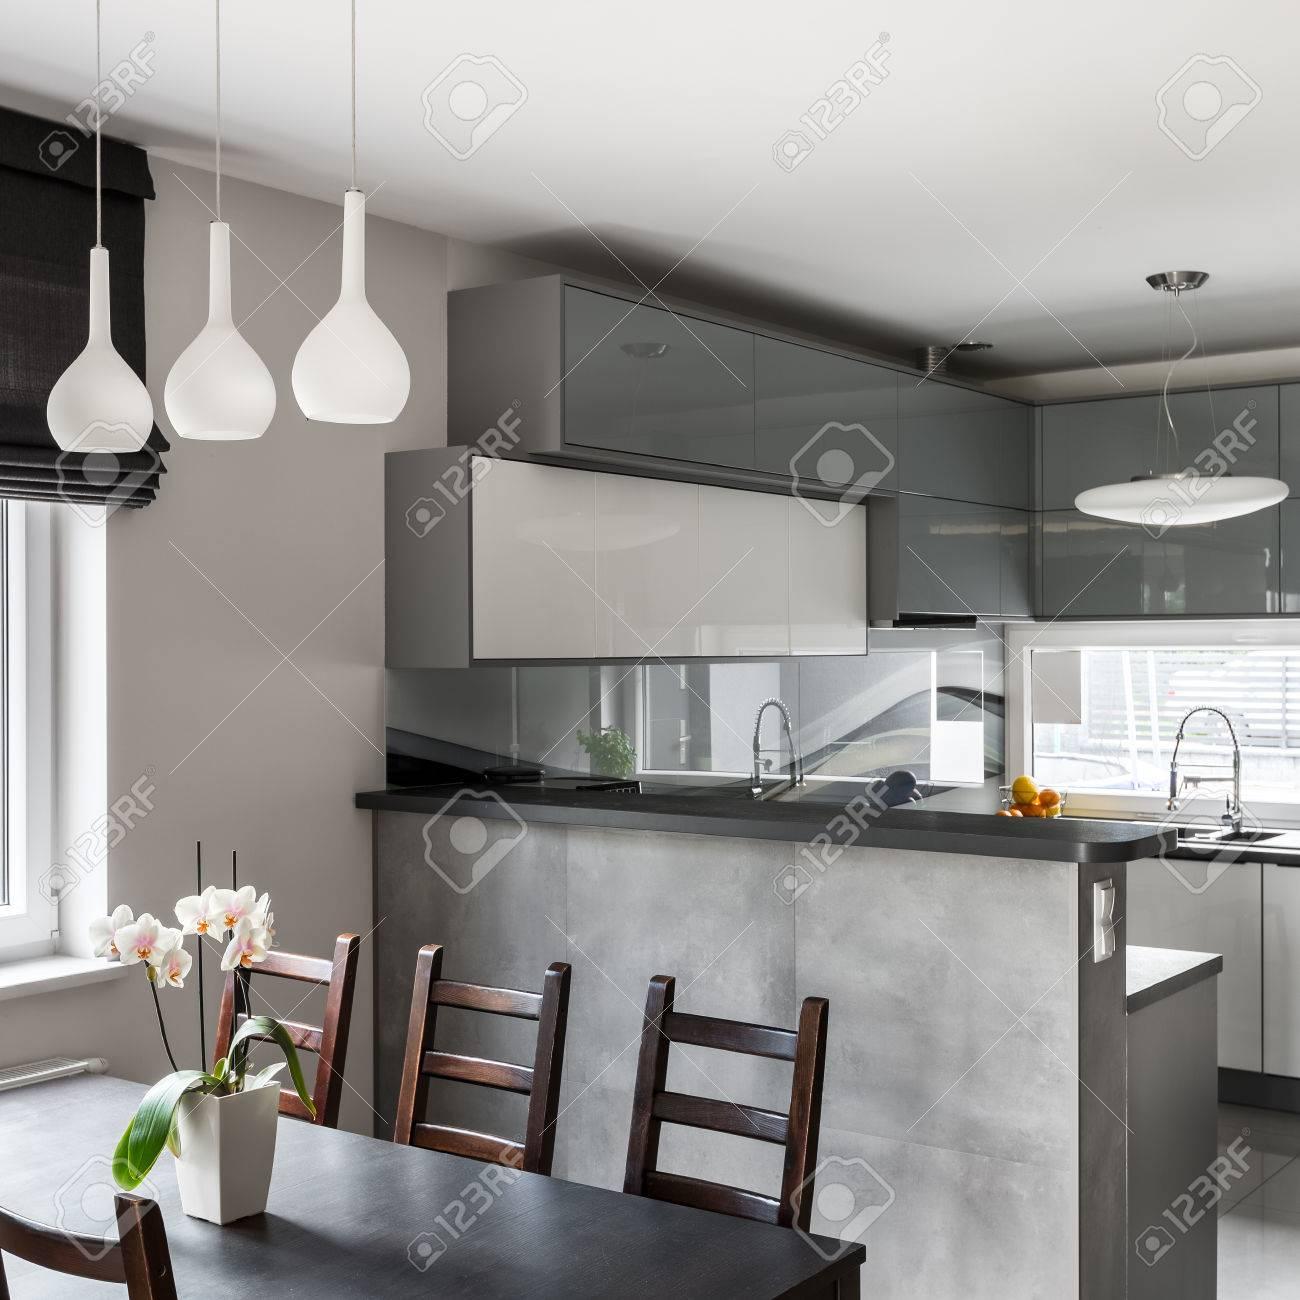 Juego de comedor de madera y lámpara de techo, cocina abierta gris  brillante en el fondo